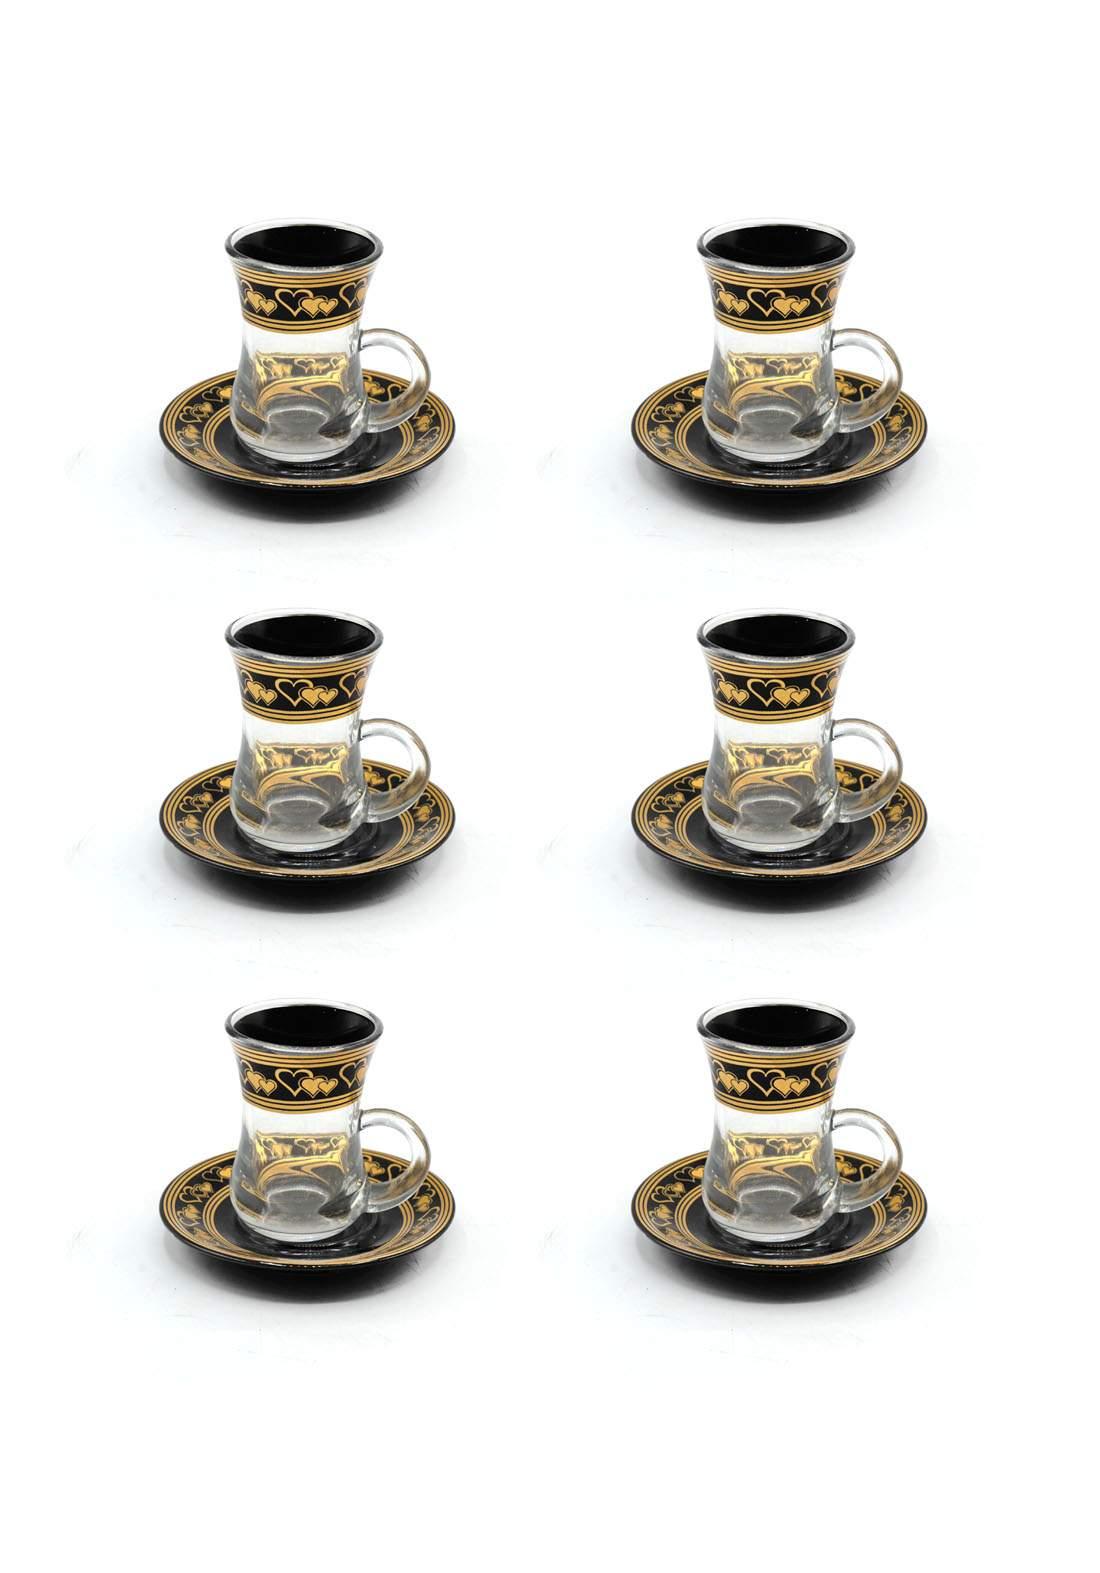 سيت فناجين شاي بنقشات جميلة